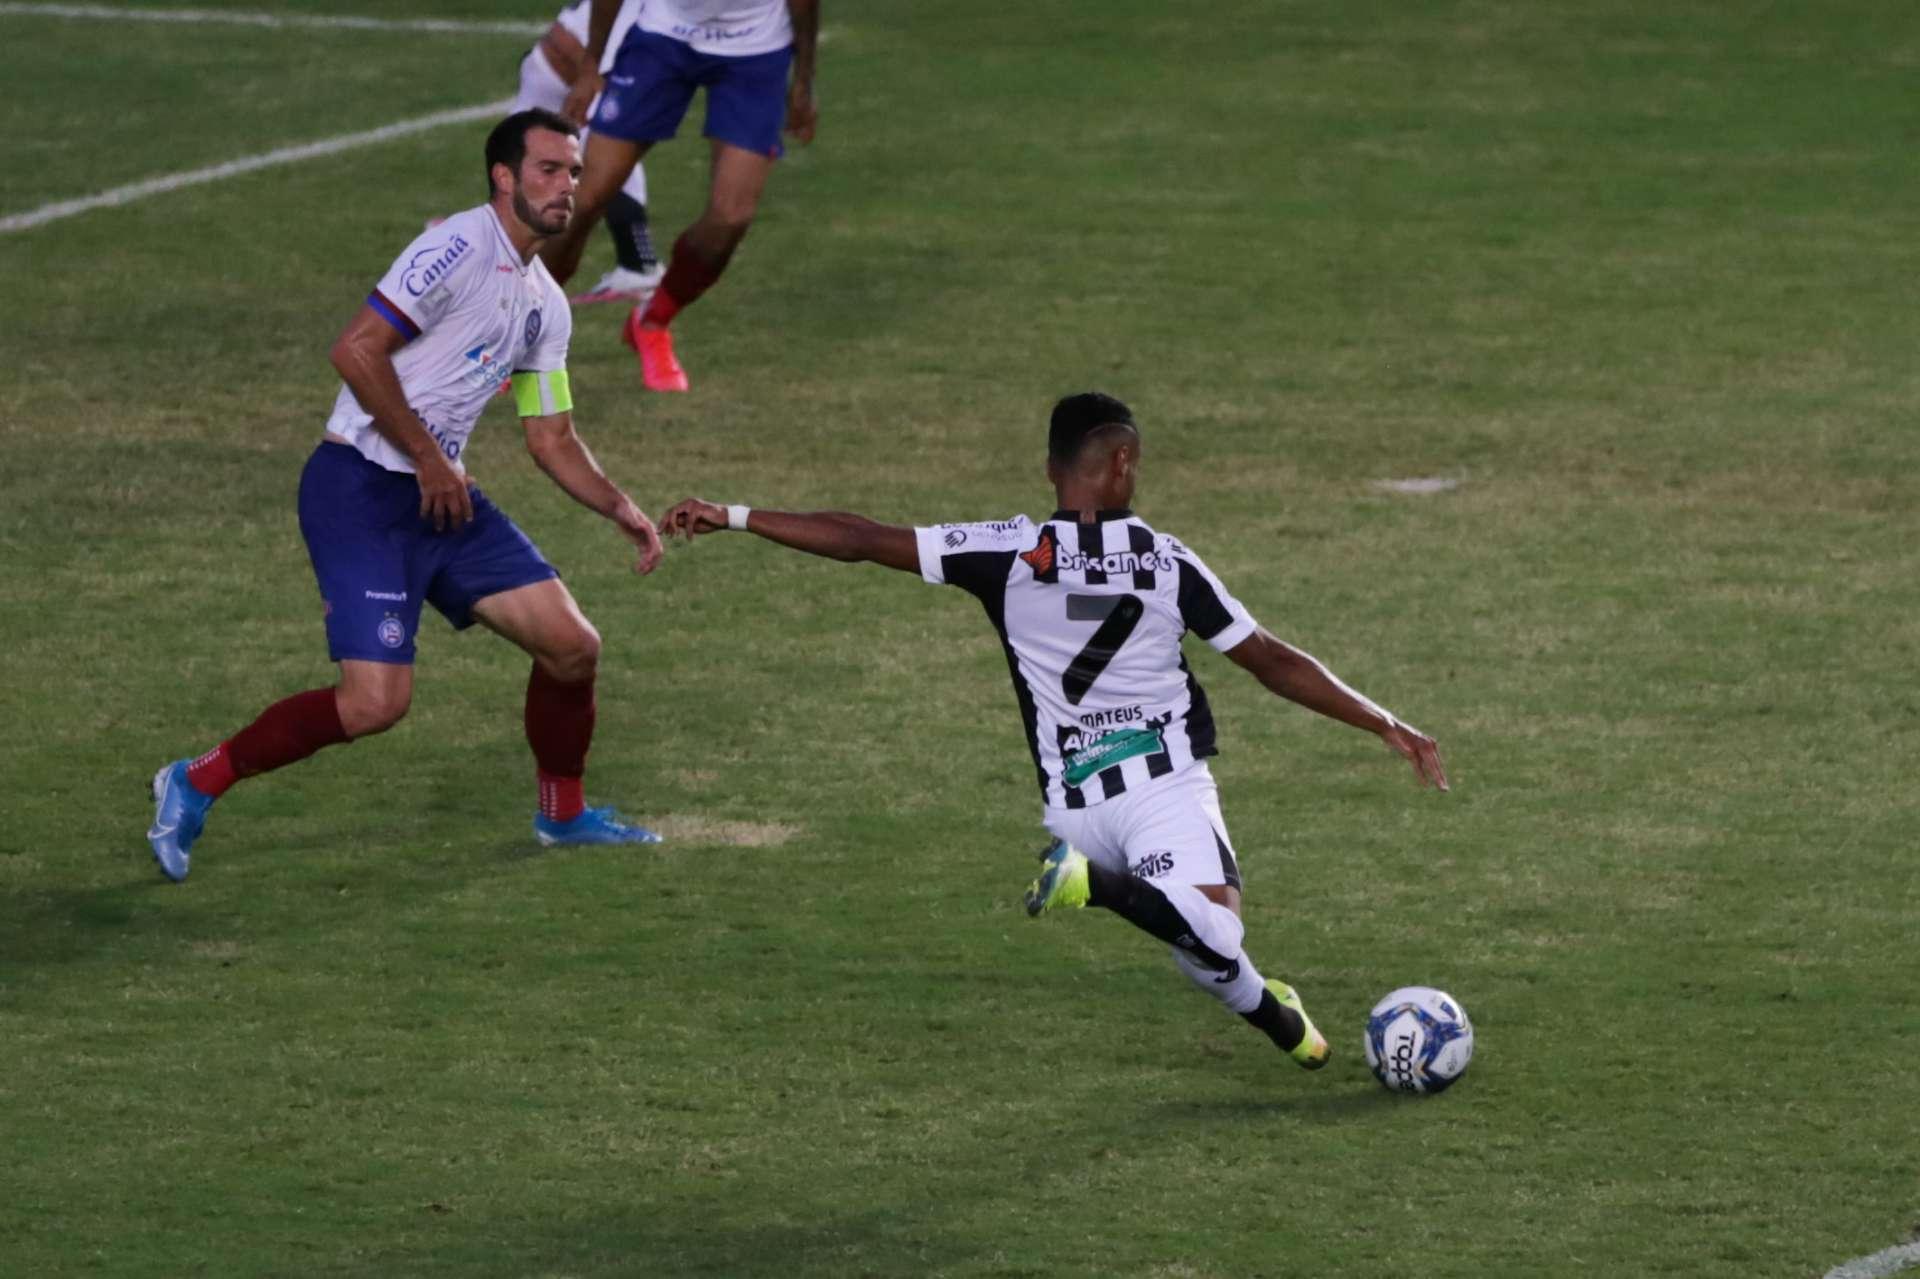 Gol de Mateus Gonçalves no primeiro jogo permite que o Ceará seja campeão até mesmo com derrota (Foto: Felipe Santos/cearasc.com)